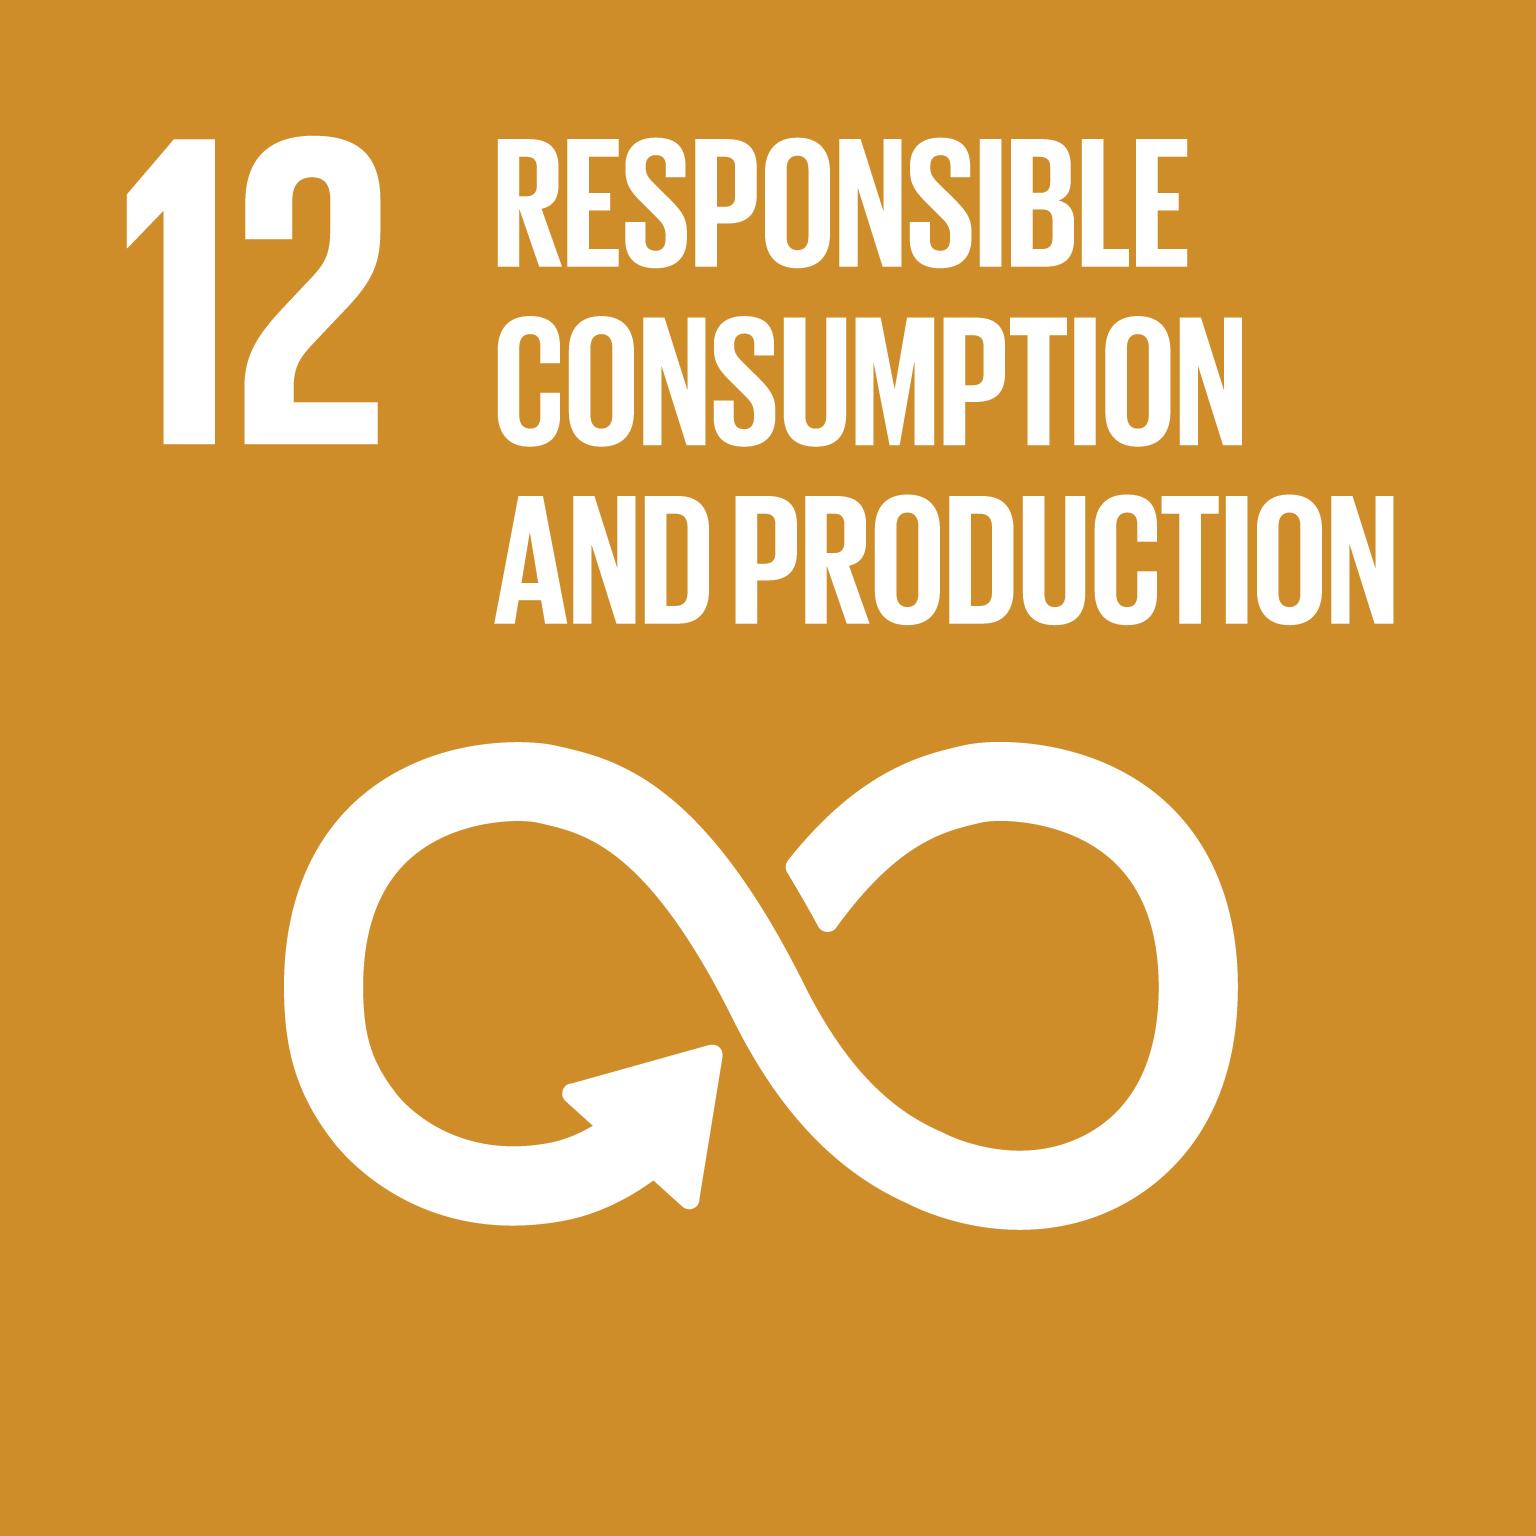 負責任的生產消費循環